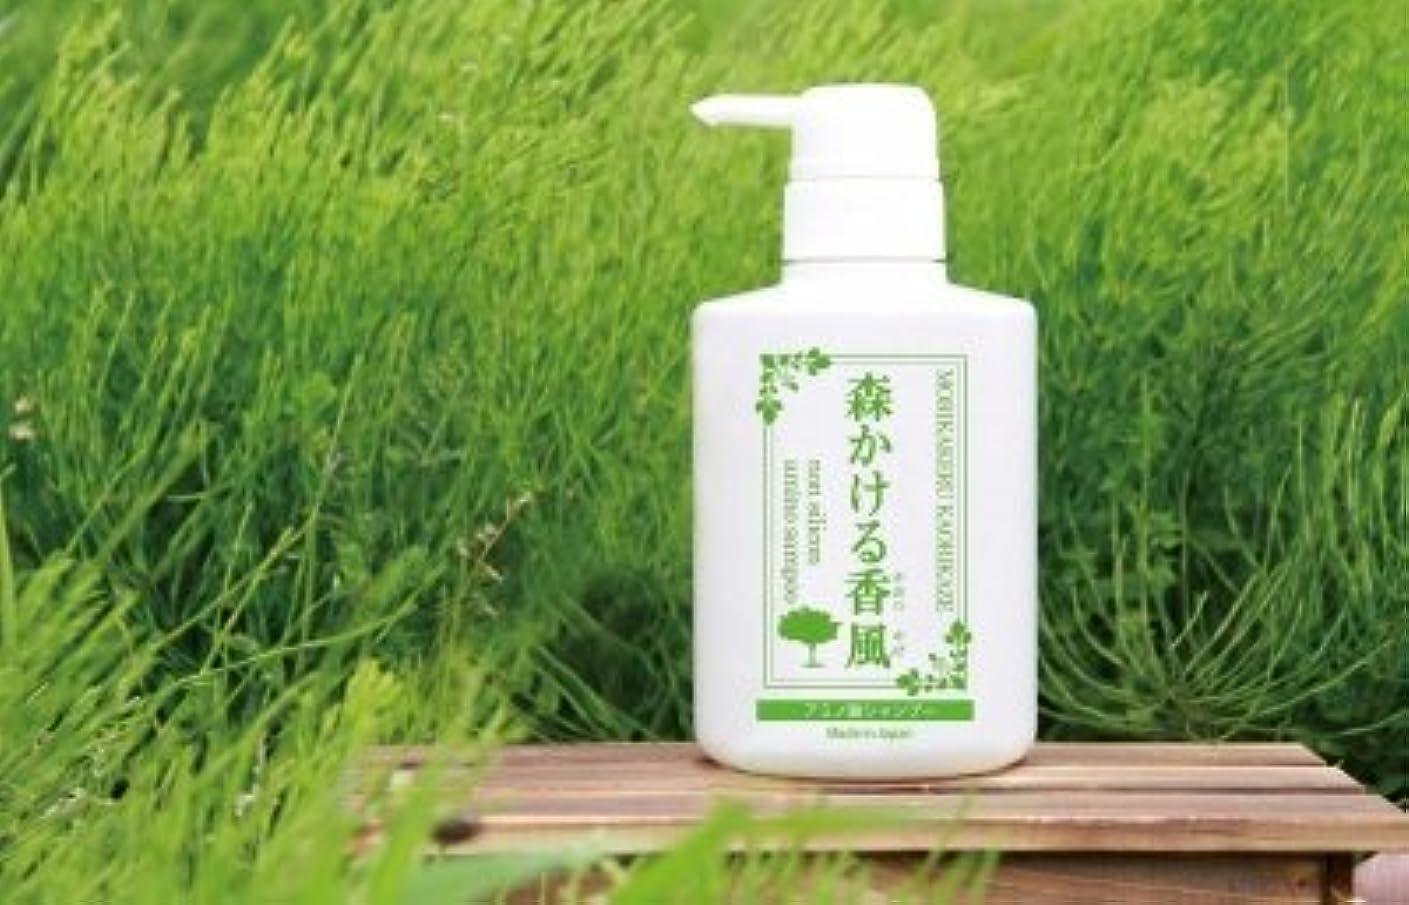 せせらぎ請求ハンドブックお肌にやさしい弱酸性のアミノ酸シャンプー「森かける香風」300ml(品番K-1)k-gate